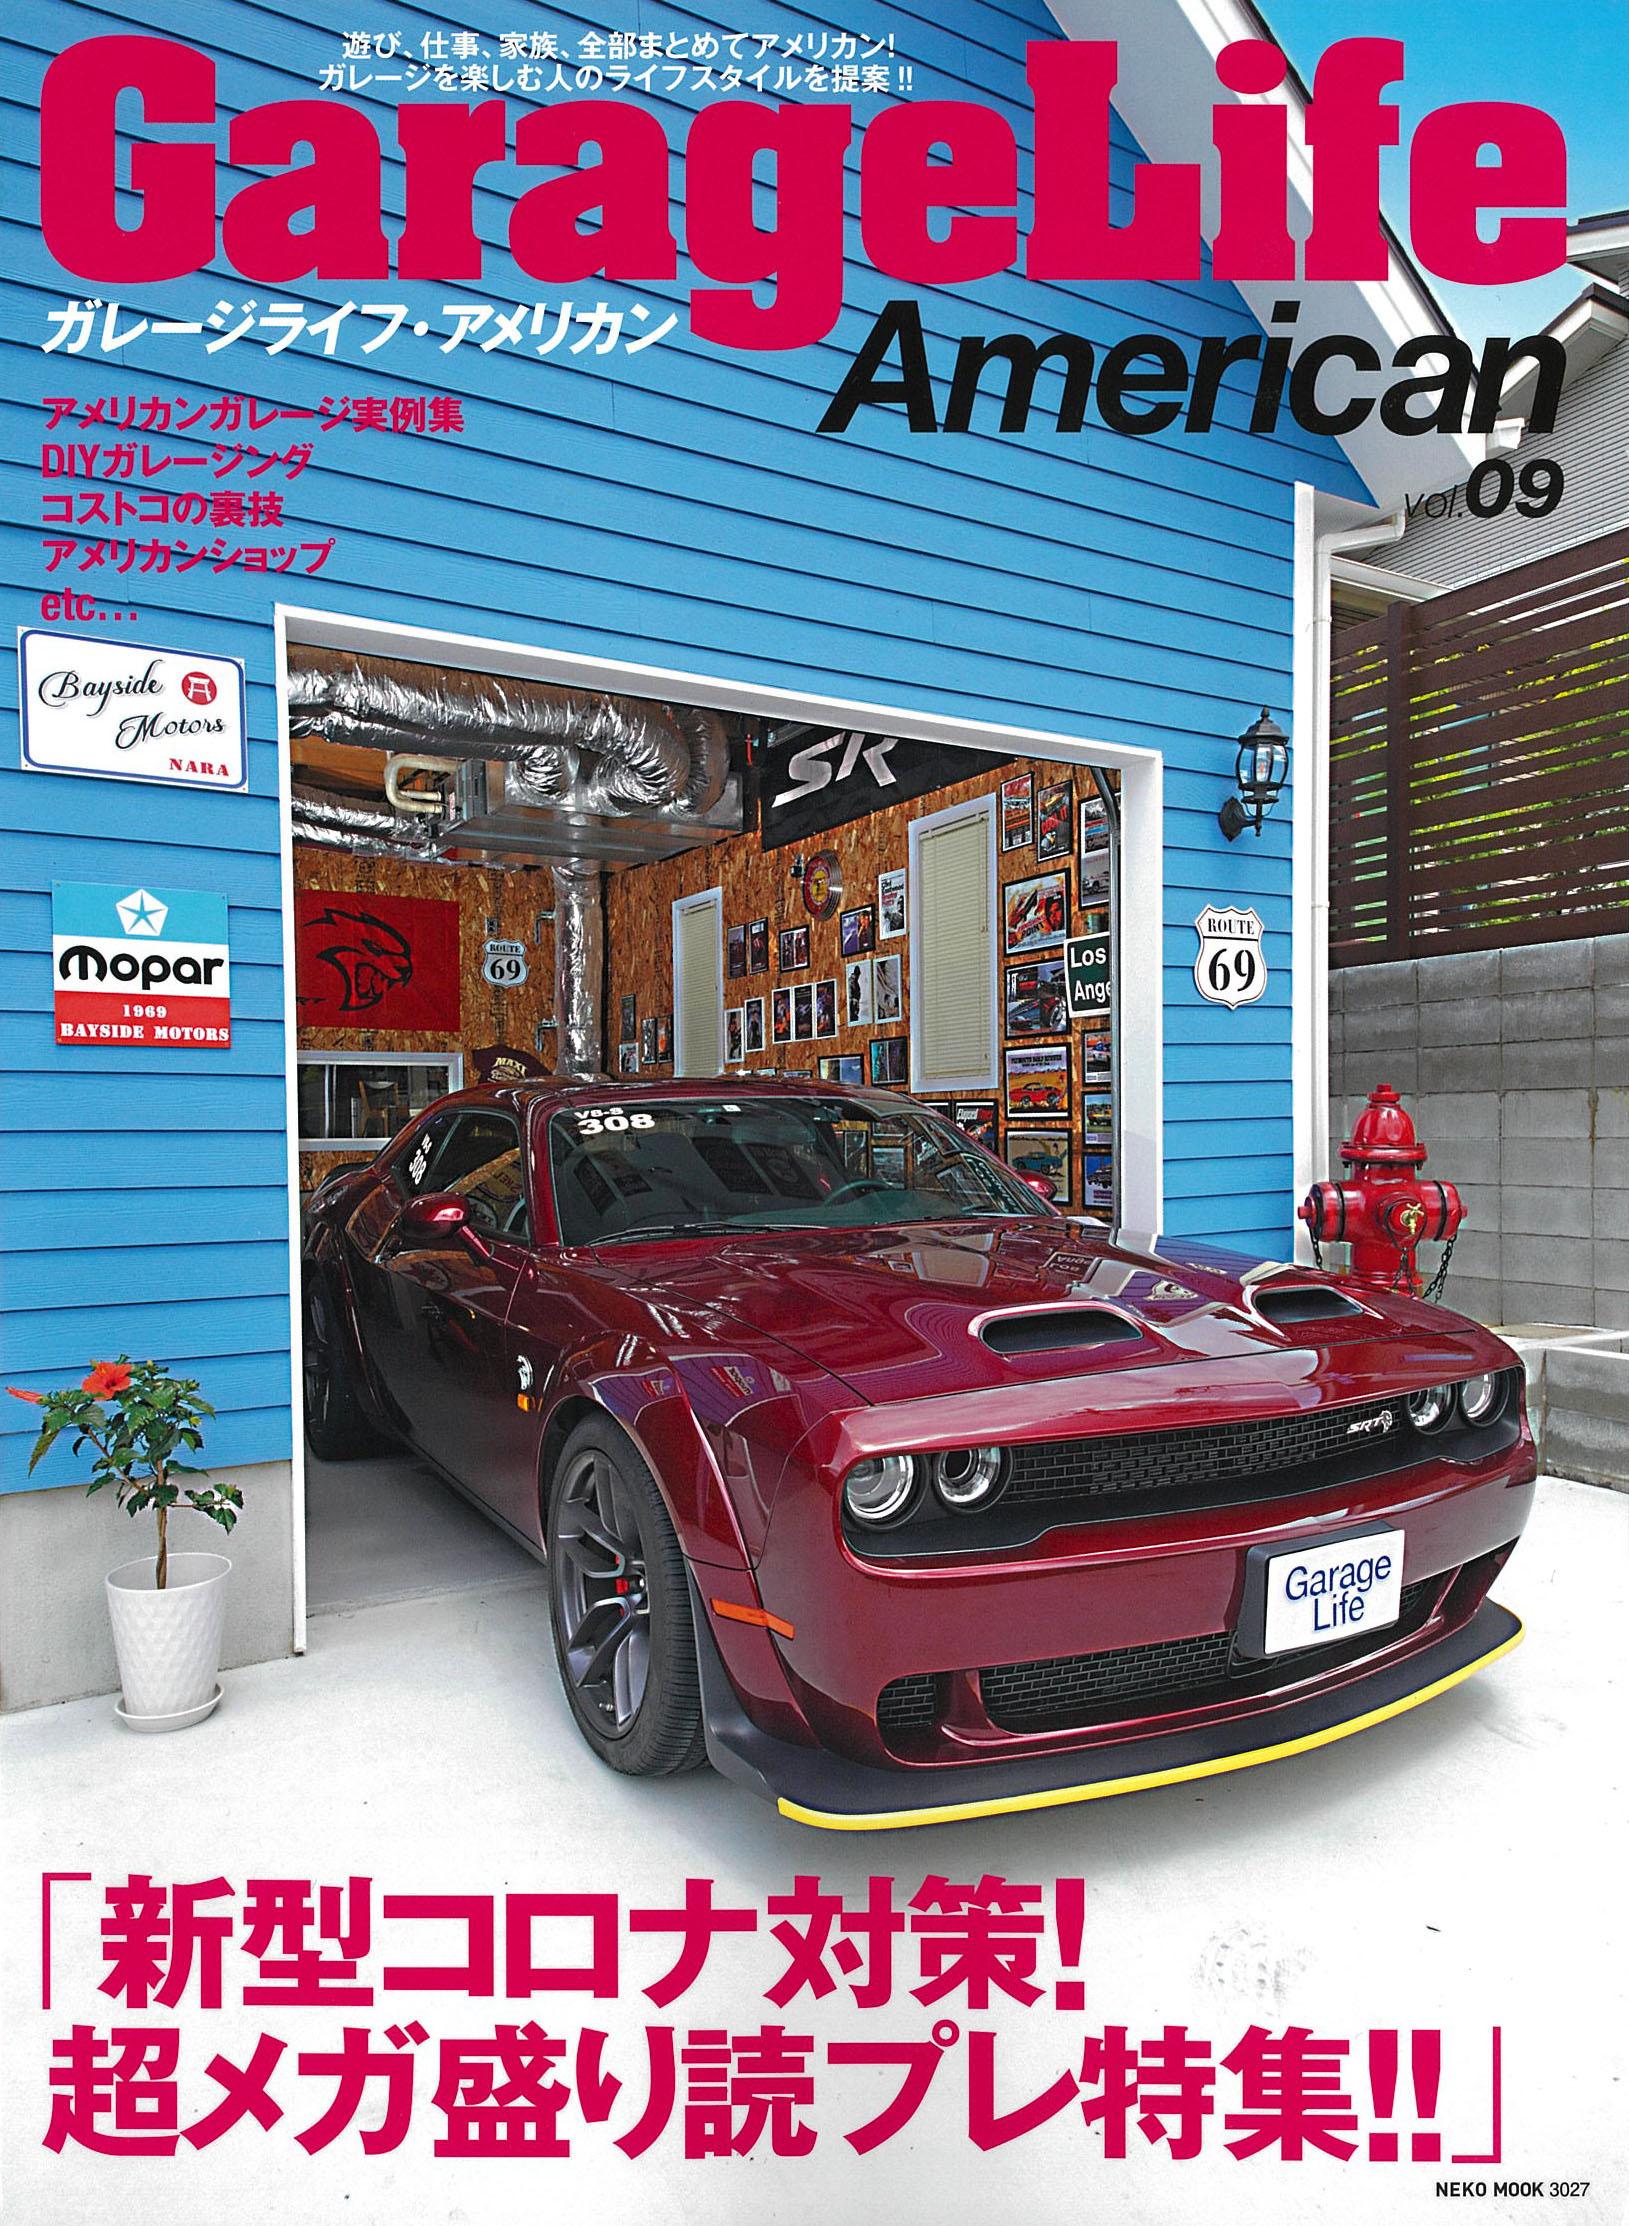 【GarageLife American Vol.09掲載】FANTIC CABALLERO SCRAMBLER500 Deluxe